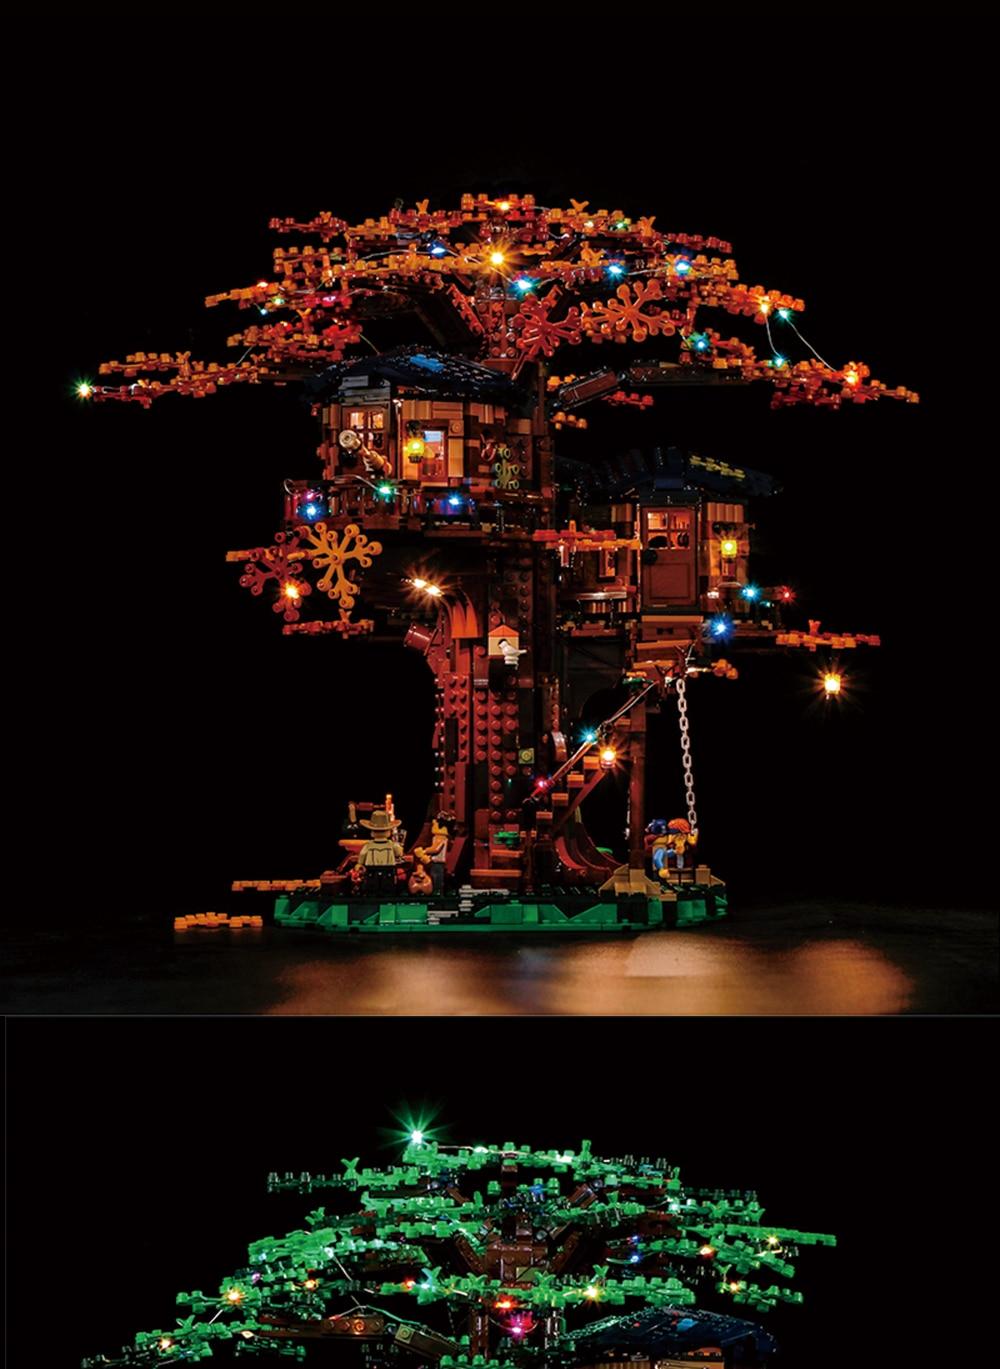 Lego 21318 Treehouse (1)